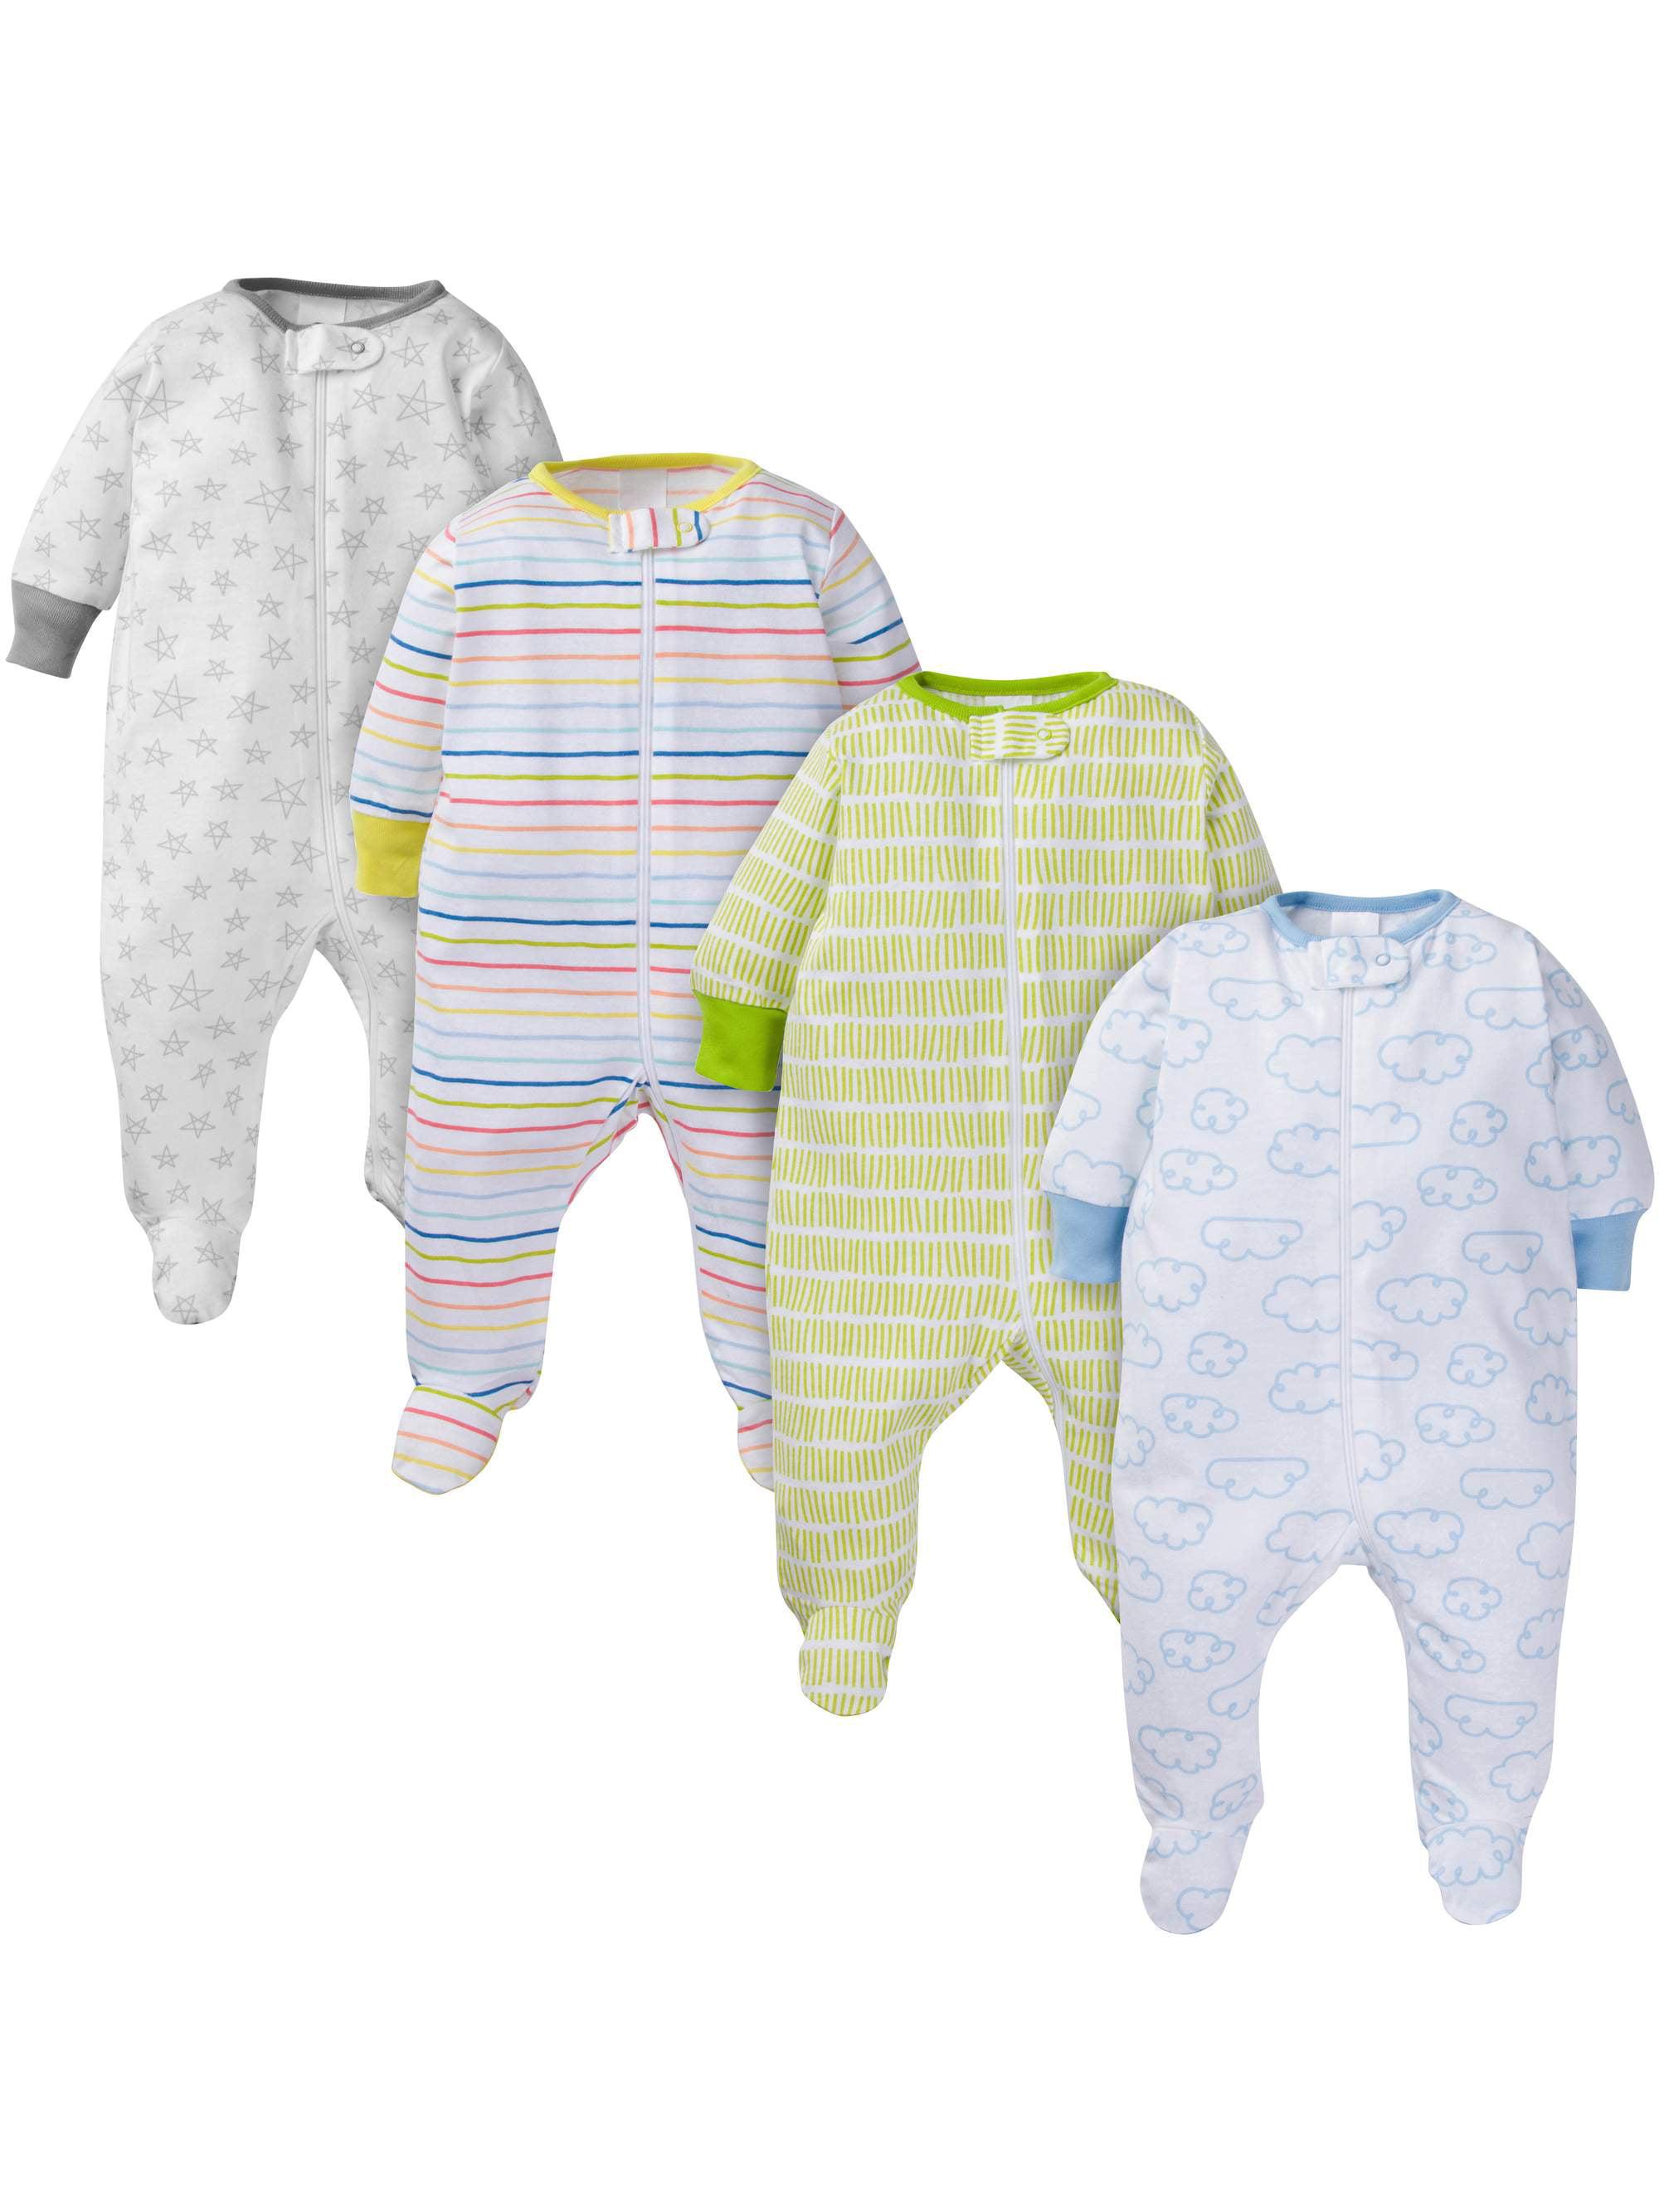 Assorted Zip Front Sleep N Play Sleepers, 4pk (Baby Boy or Baby Girl Unisex)